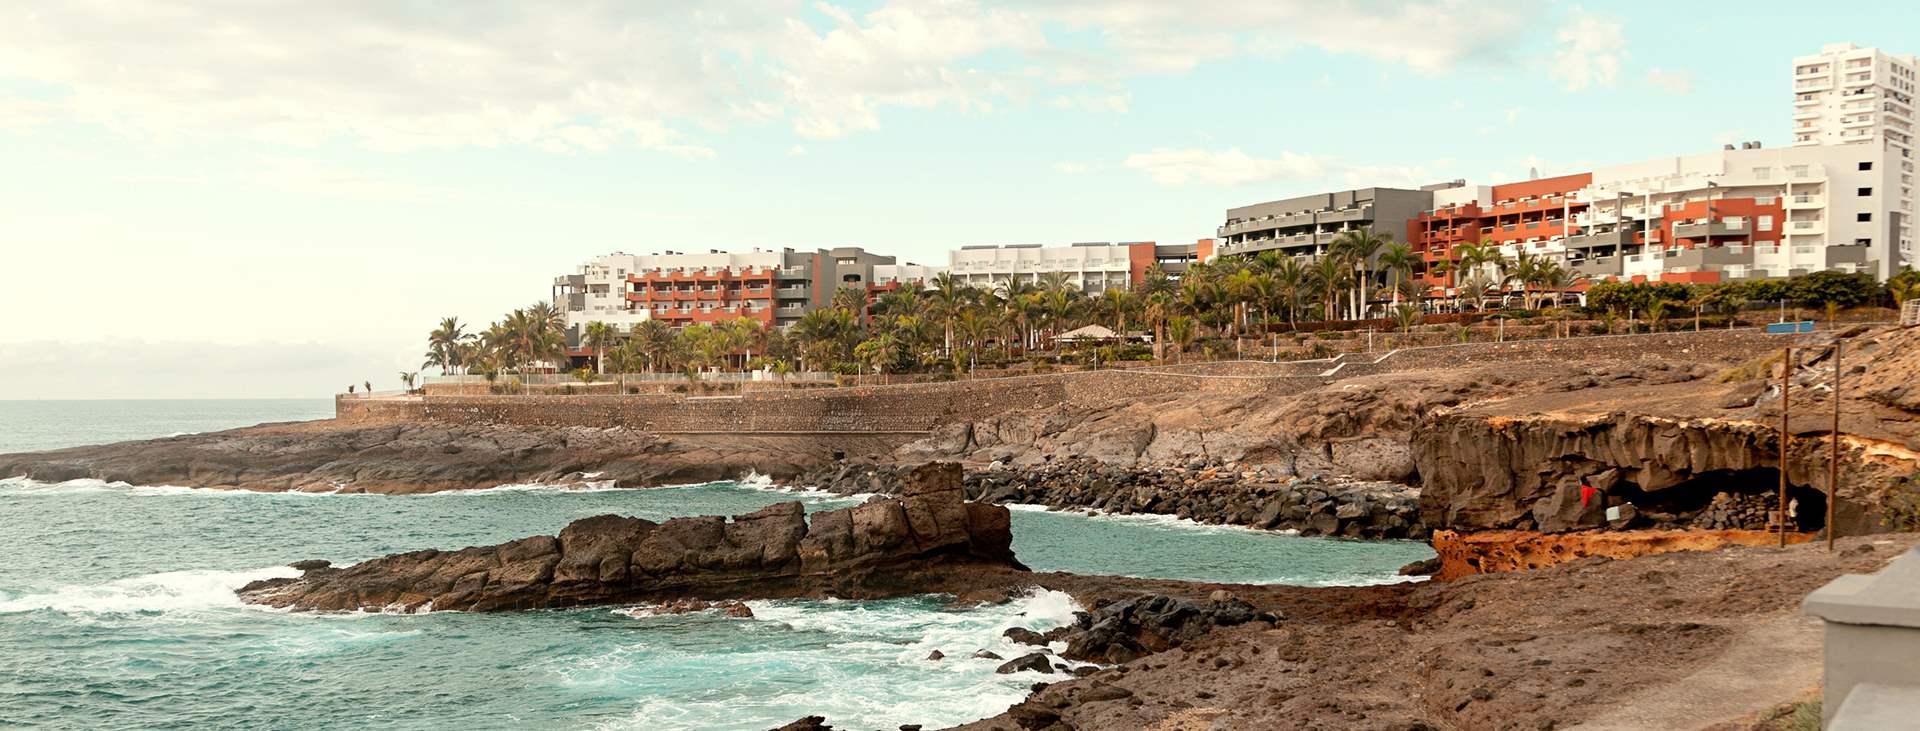 Varaa matka lapsiystävälliseen Playa Paraisoon, Teneriffalle